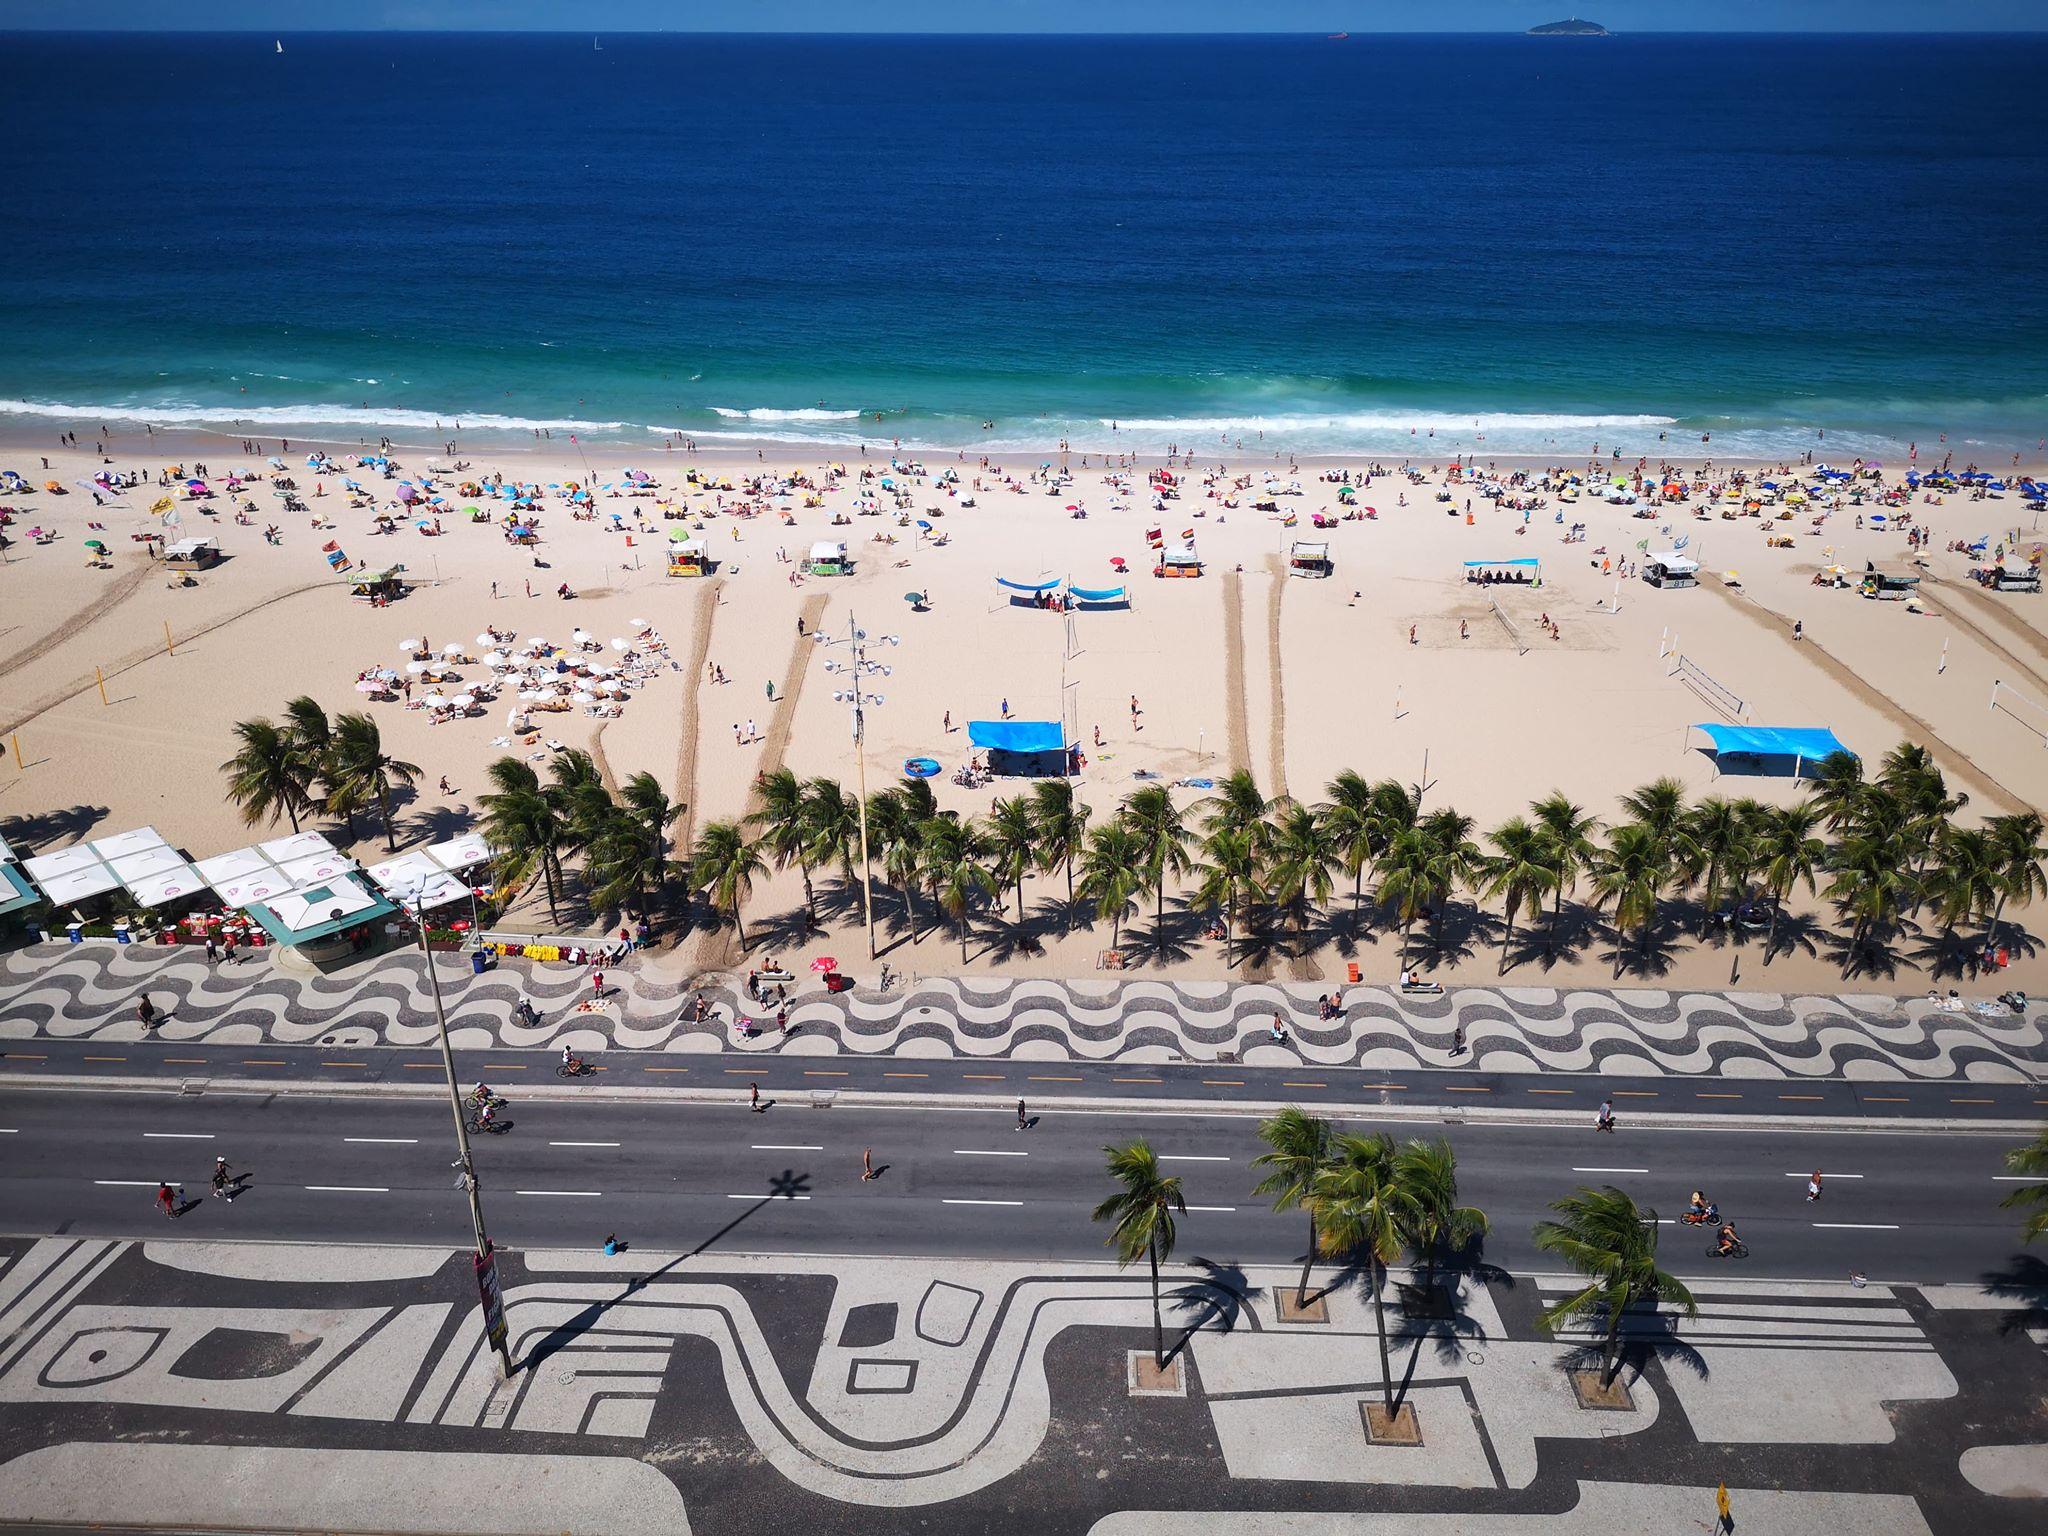 La plage de Copacabana